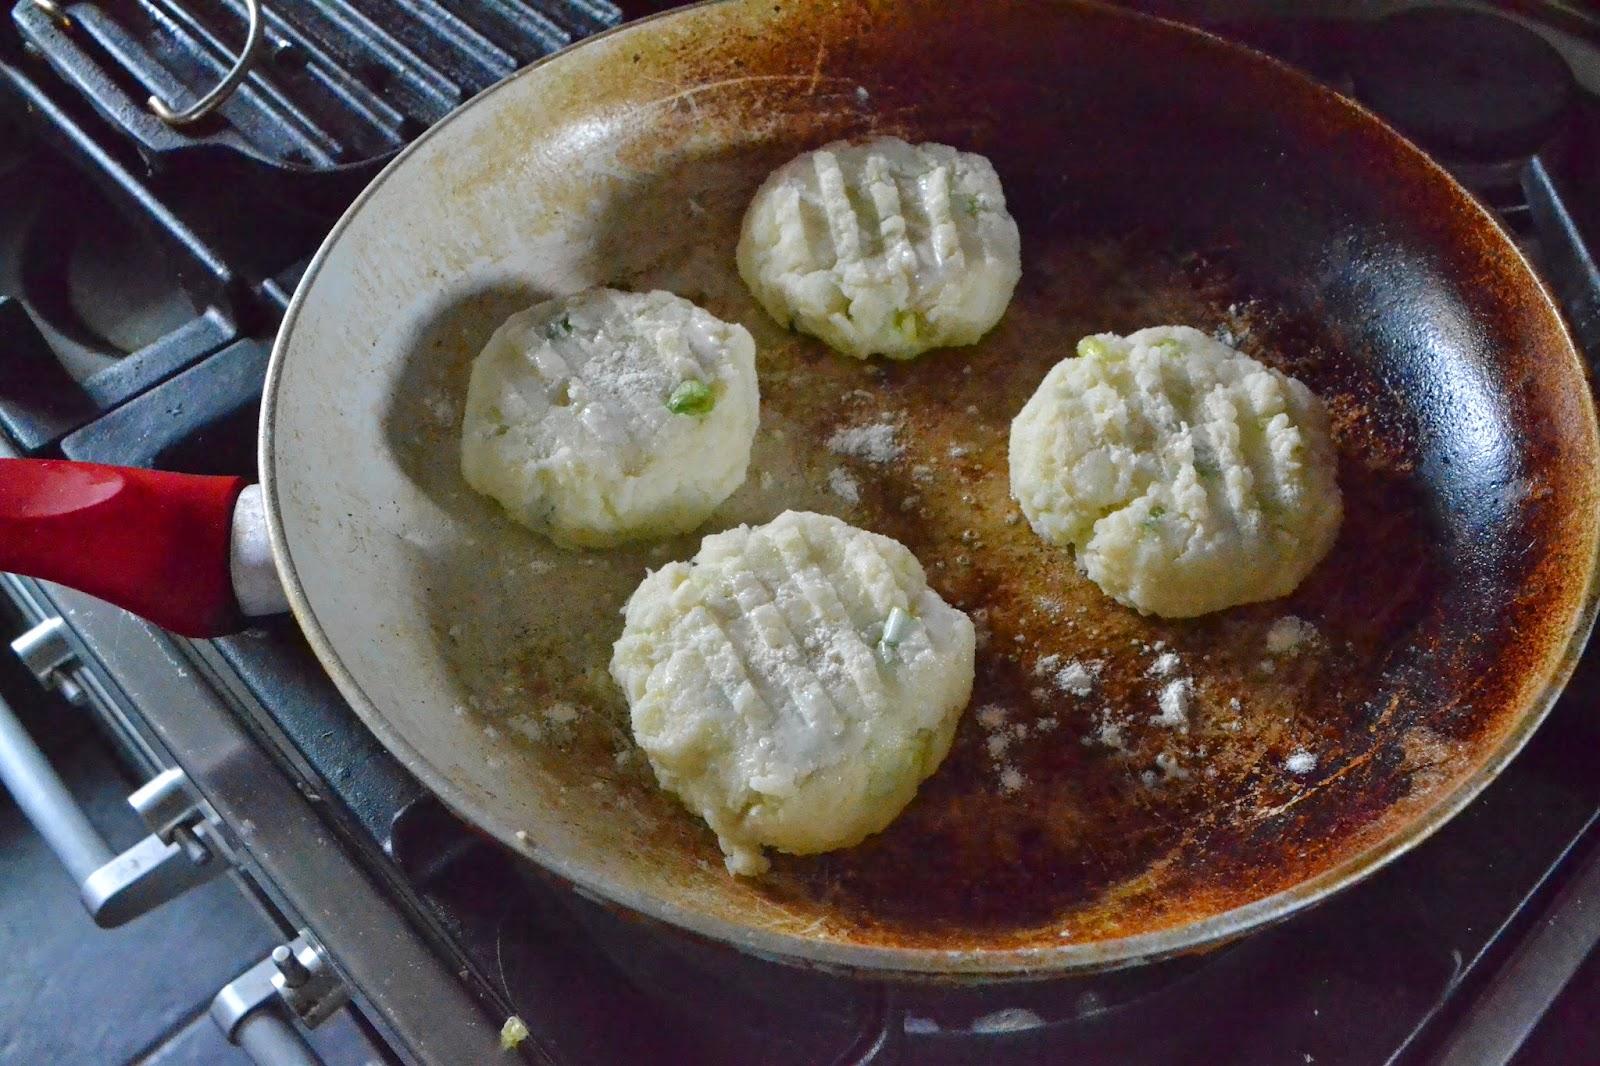 Jamie Oliver Recipe For Cake: Potato Cakes With Smoked Salmon - Jamie Oliver Recipe